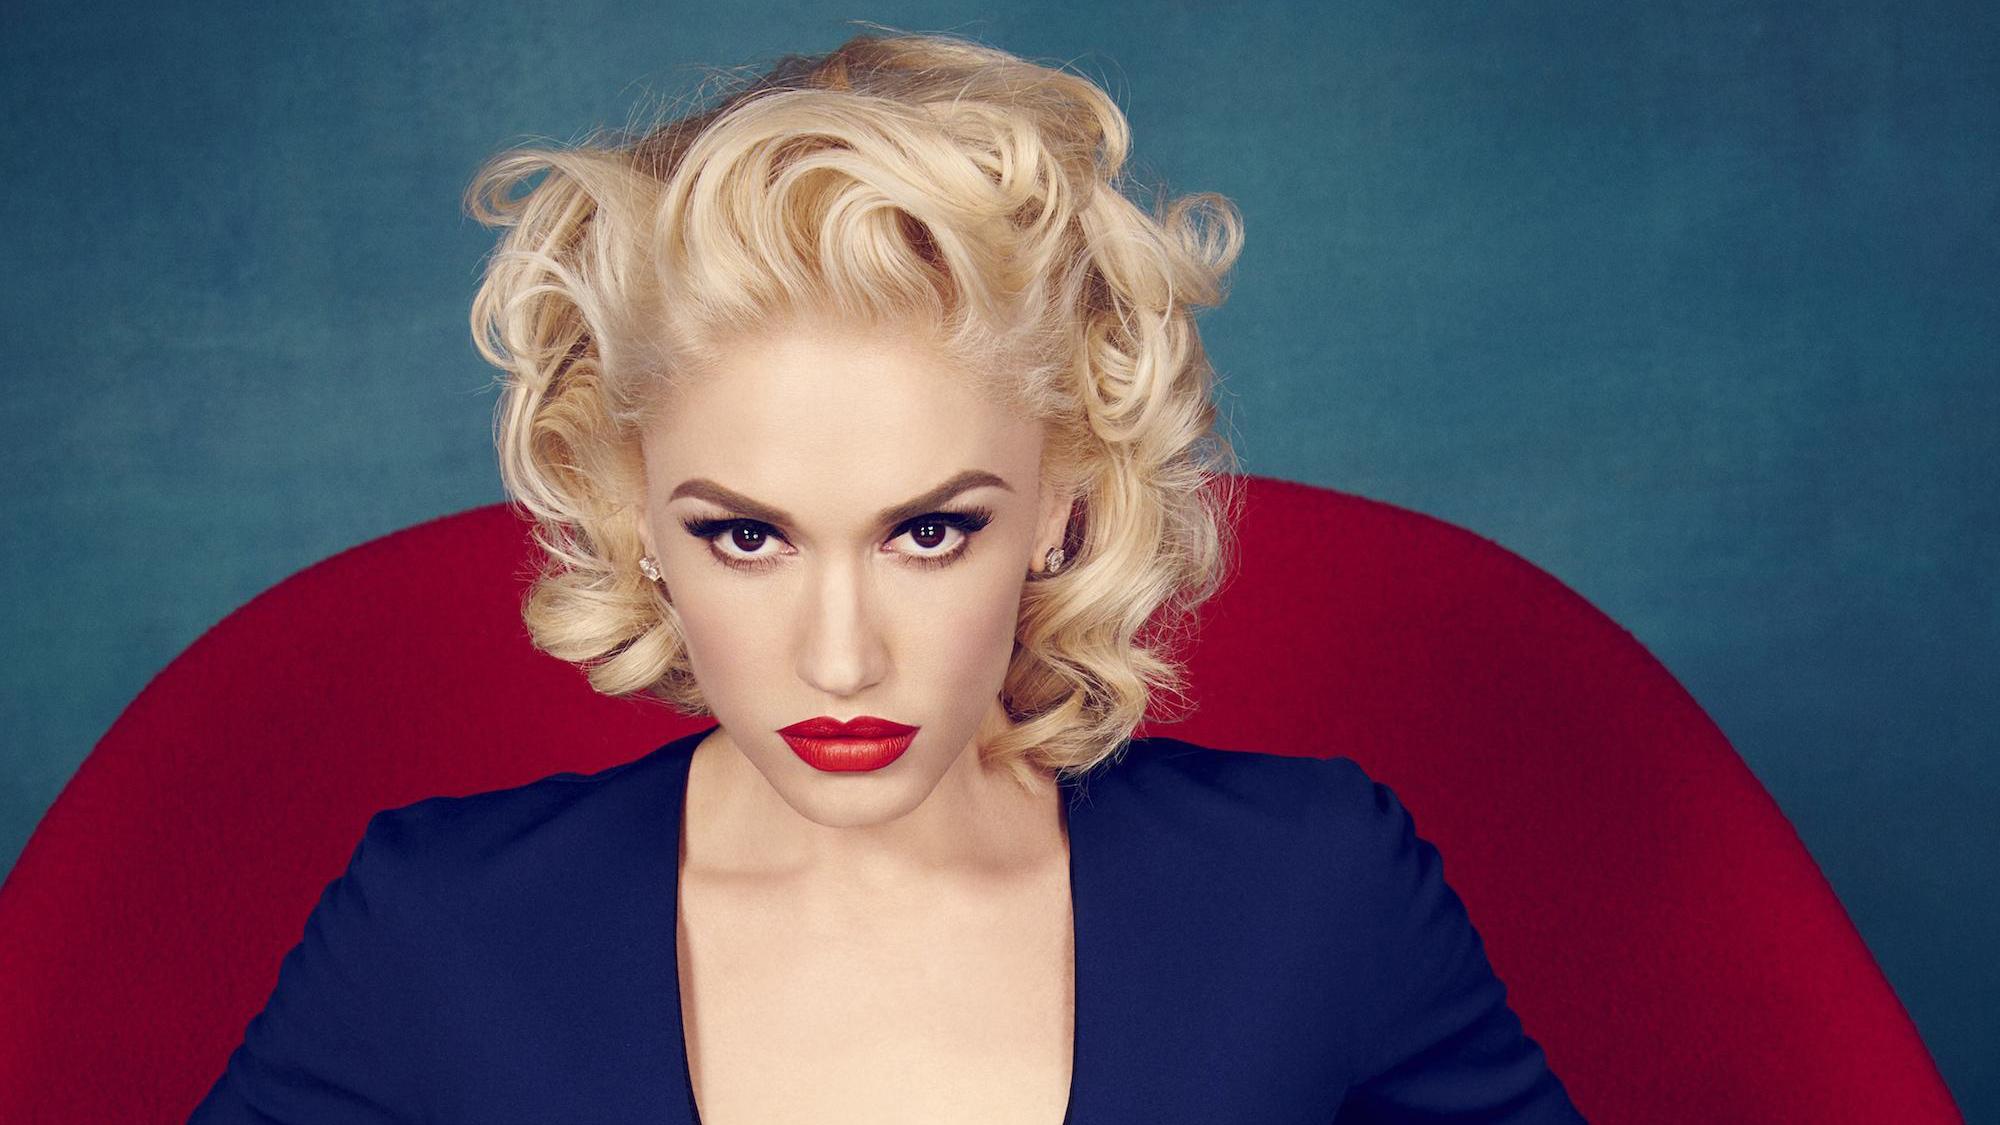 Gwen Stefani - HD Wallpaper